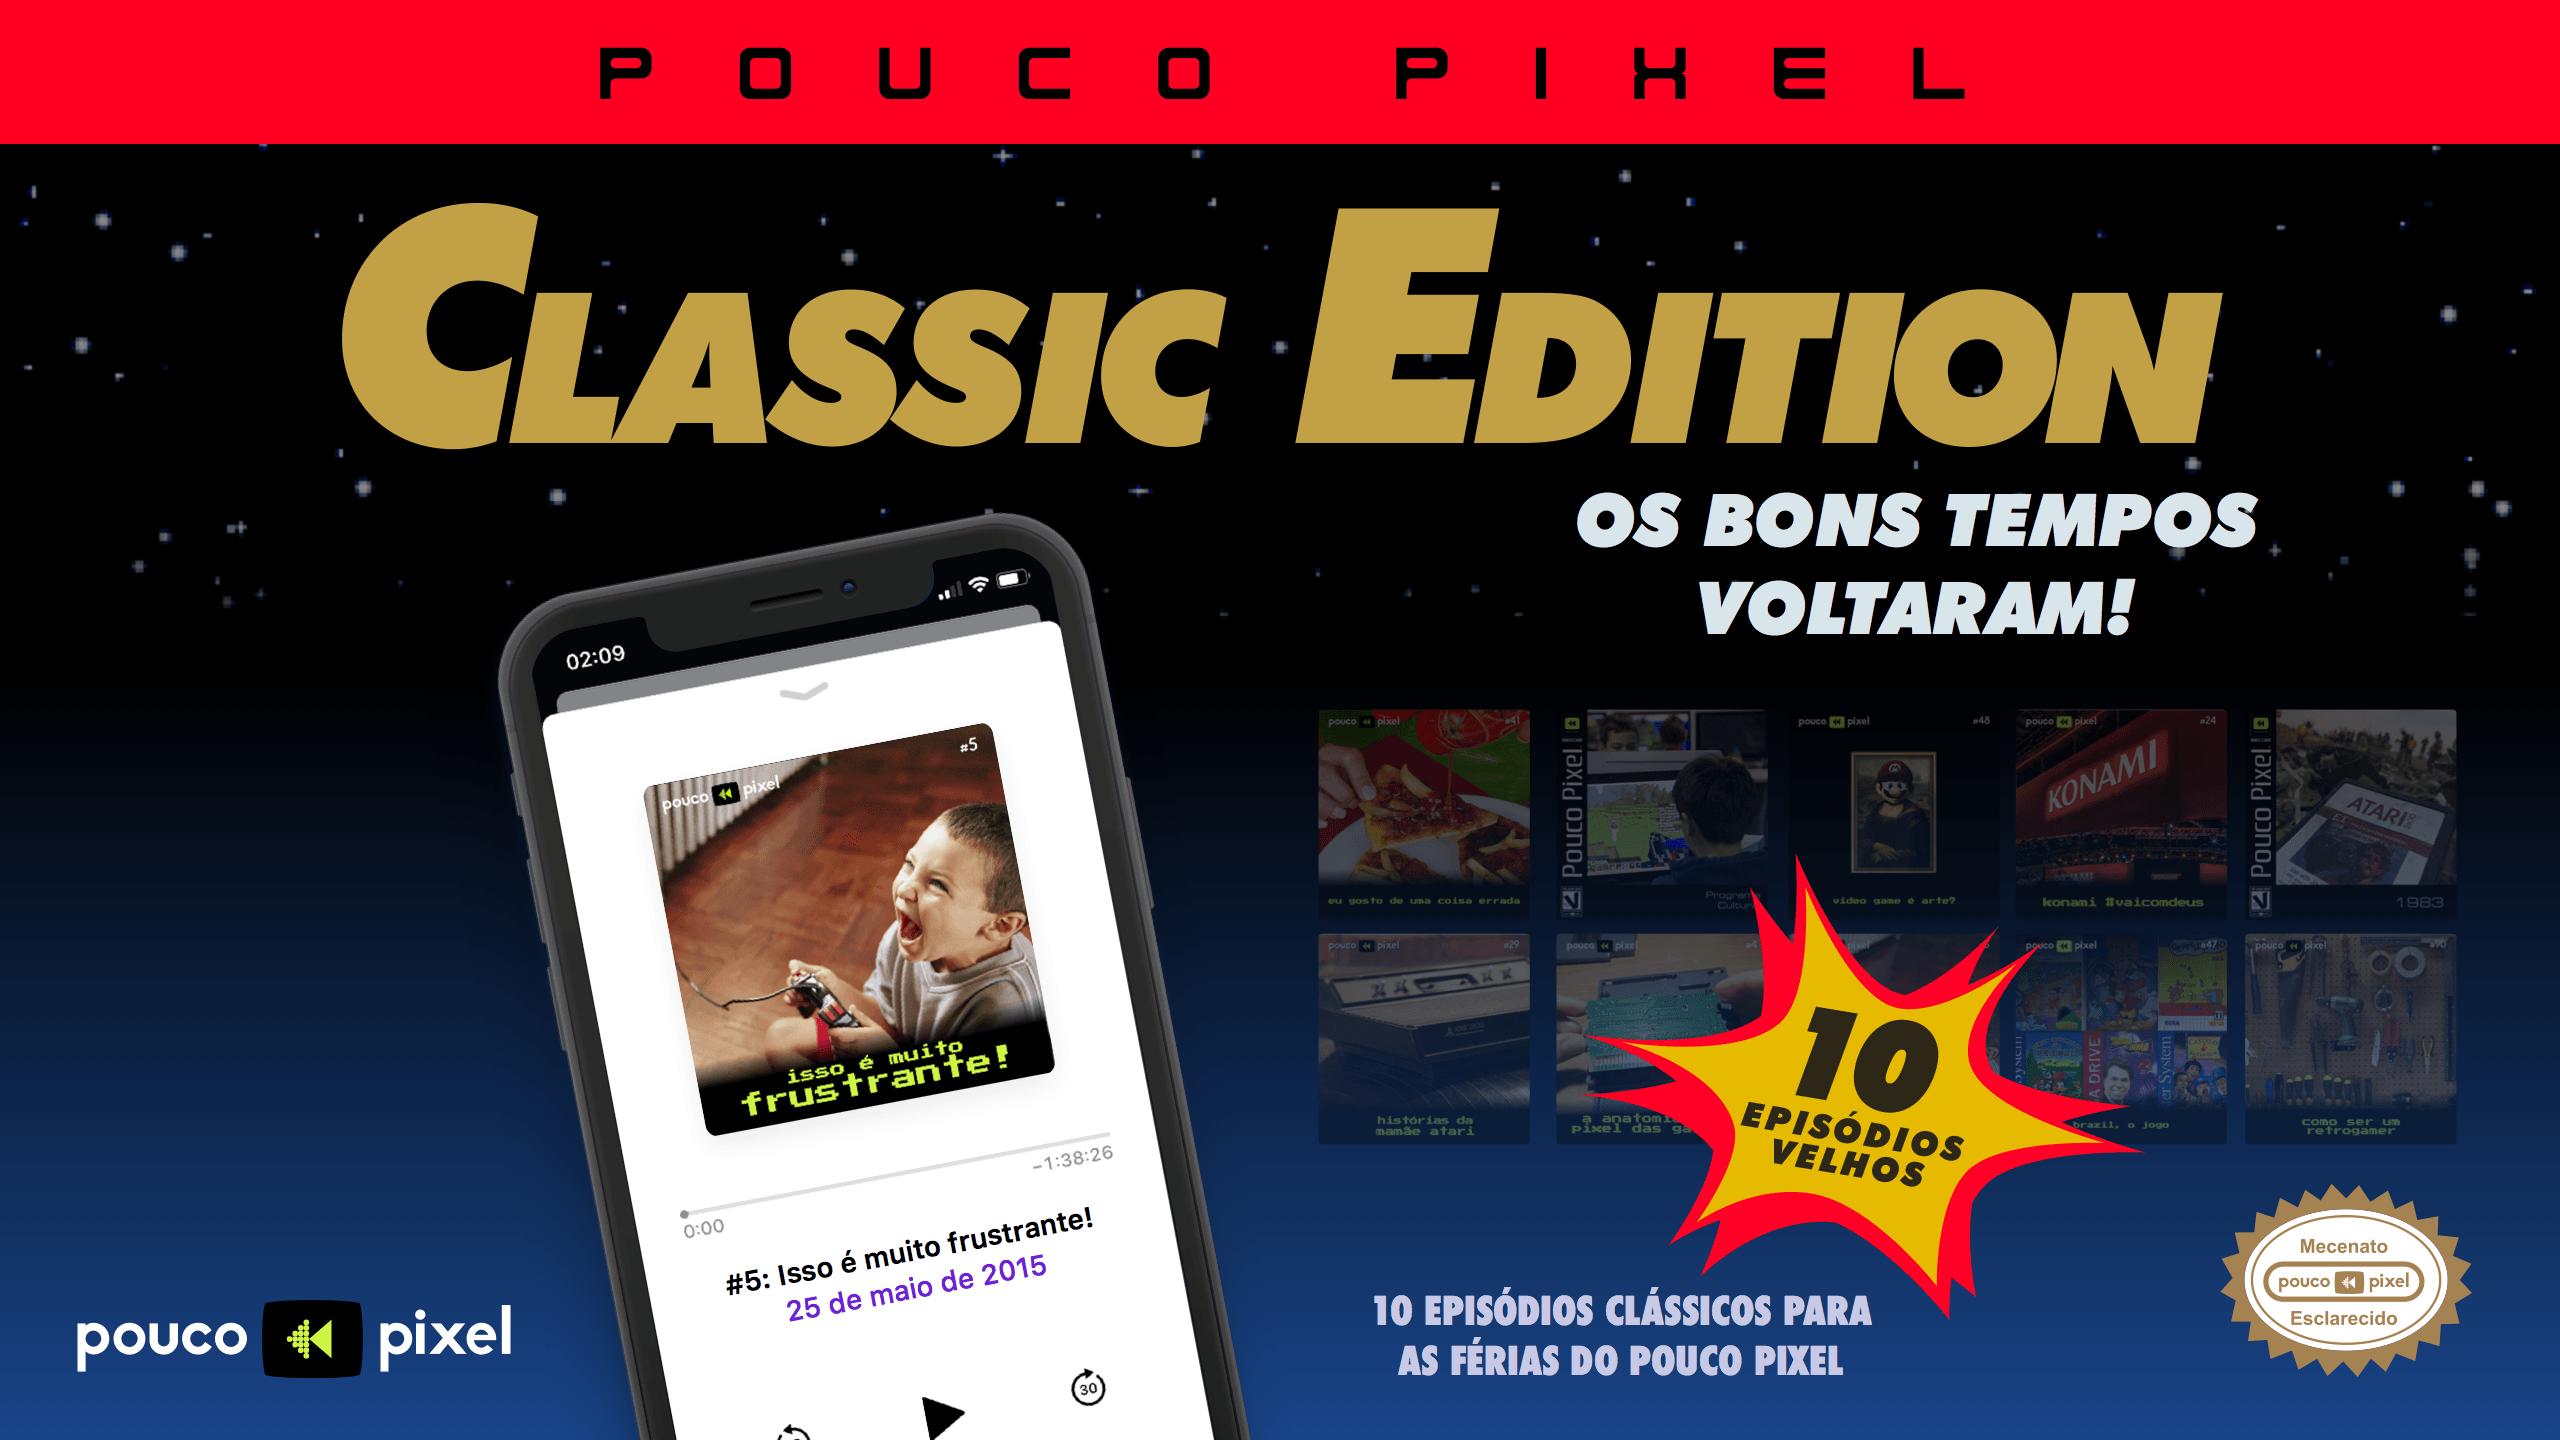 Pouco Pixel Classic Edition 8 – Isso é muito frustrante!